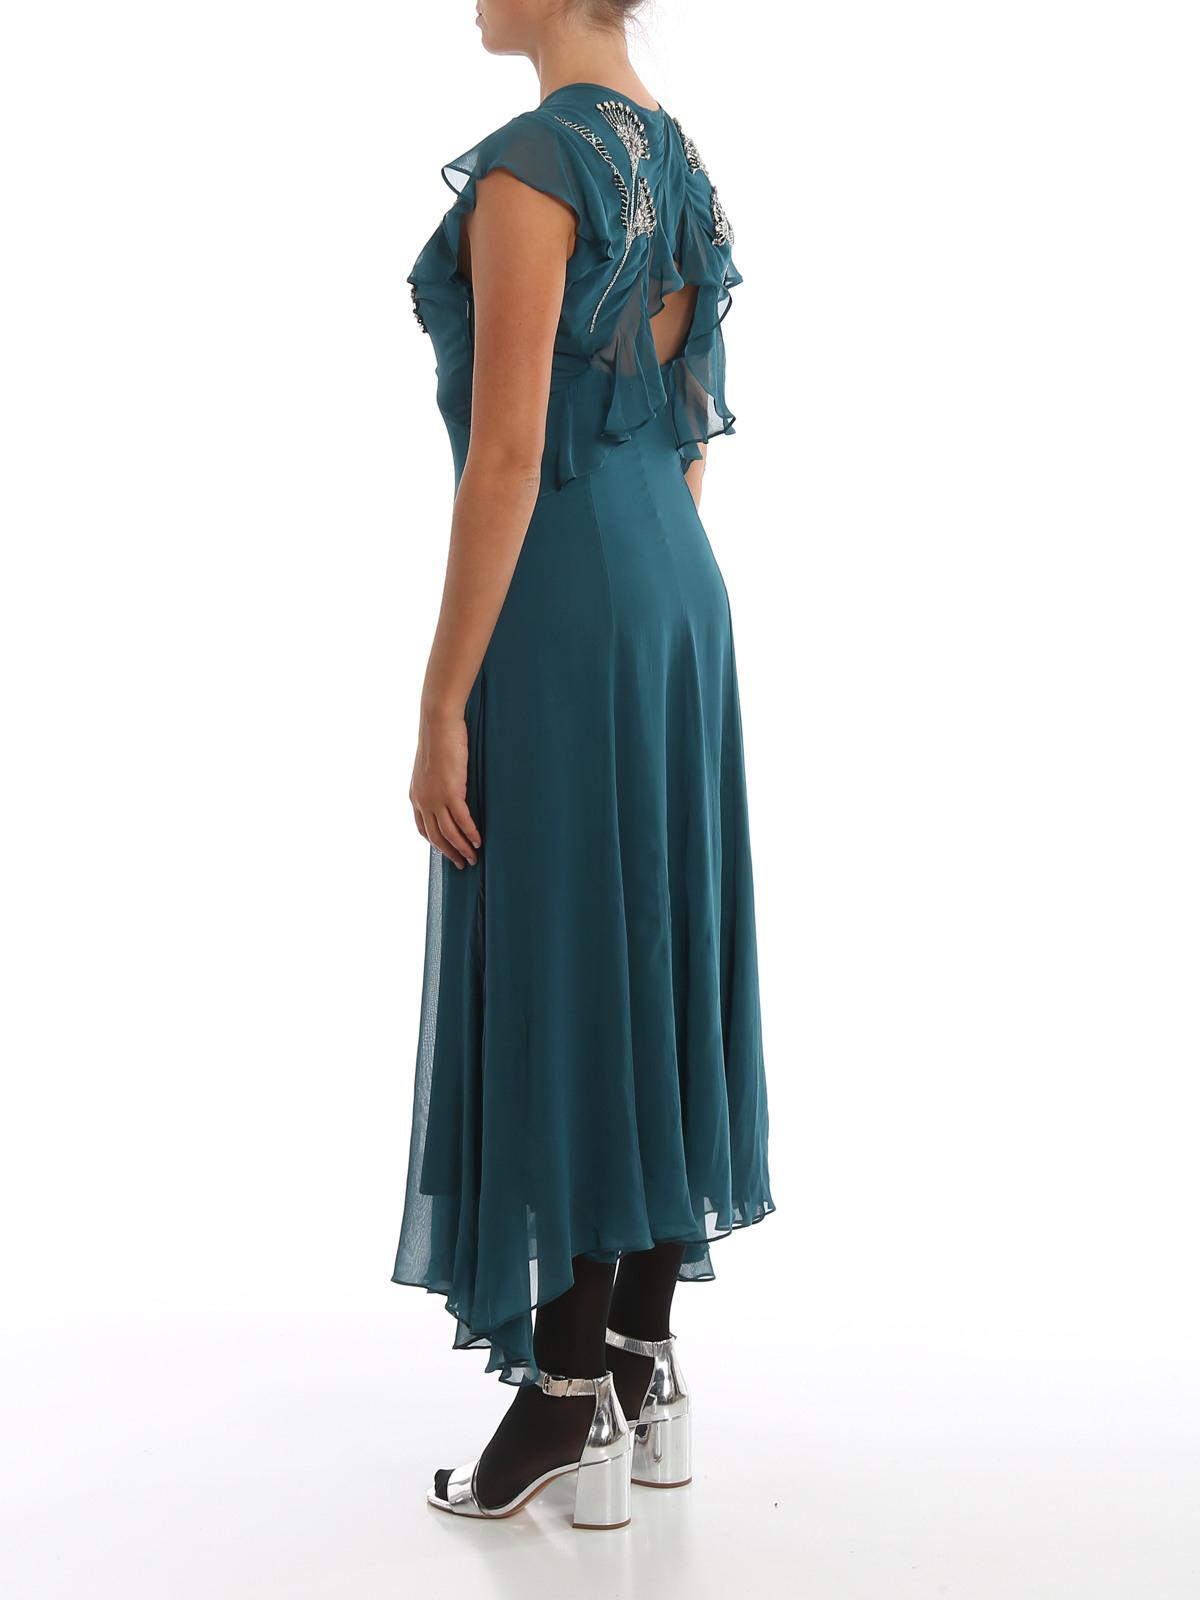 15 Schön Abendkleid Dunkelgrün Spezialgebiet20 Luxus Abendkleid Dunkelgrün Boutique